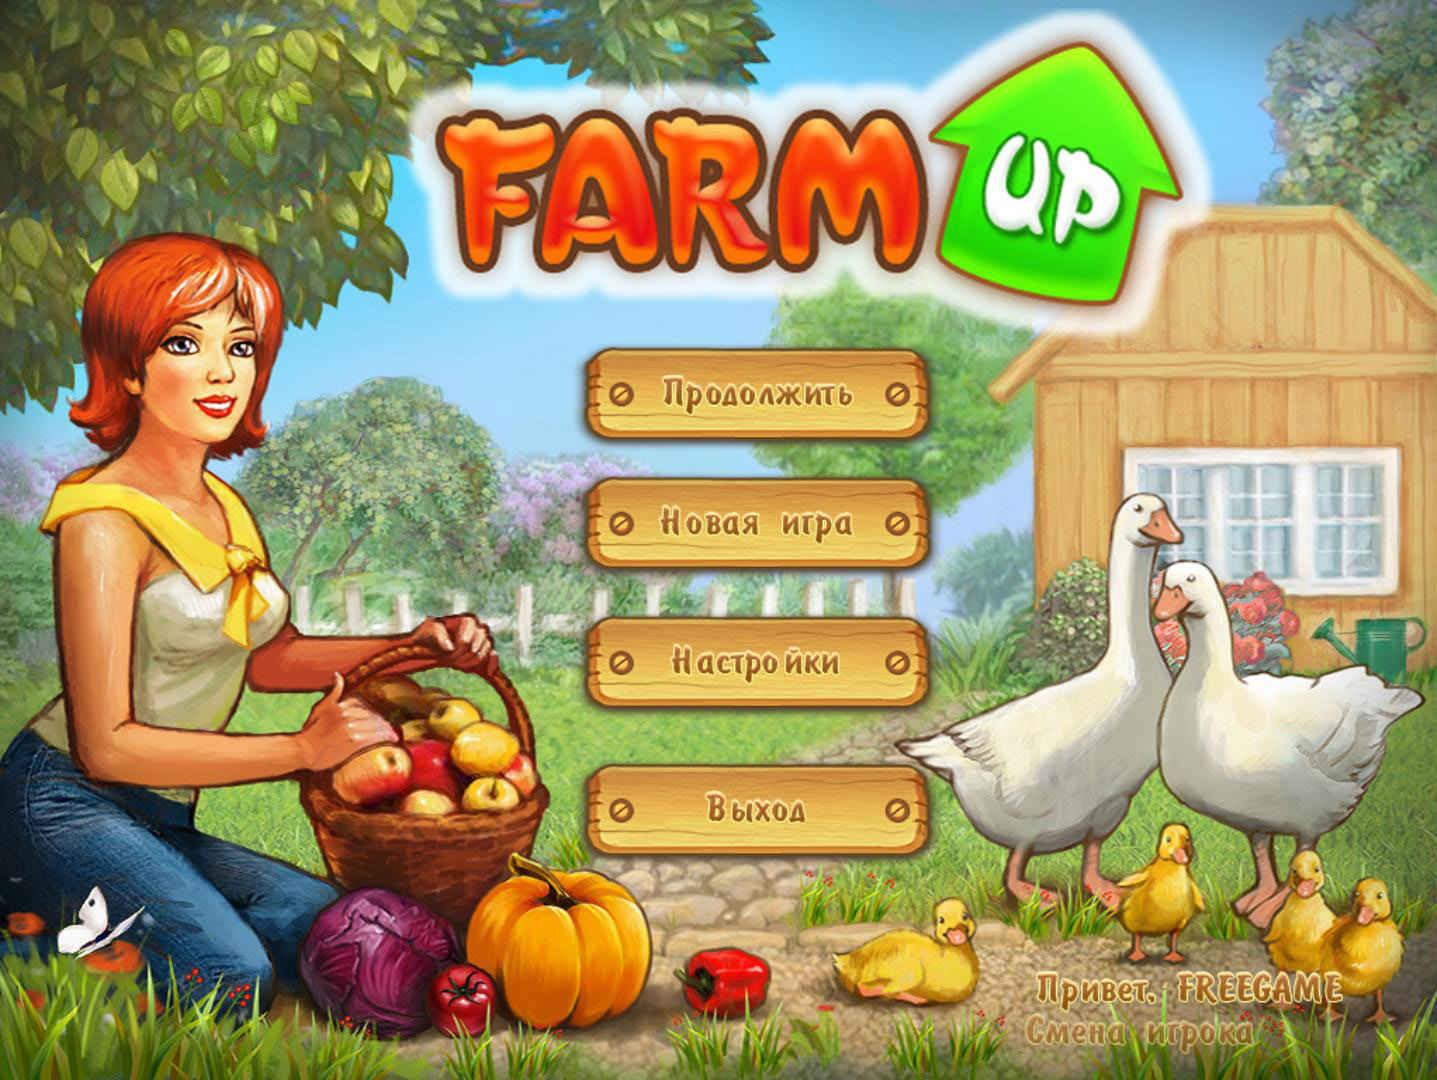 Ферма Джейн | Farm Up (Rus)